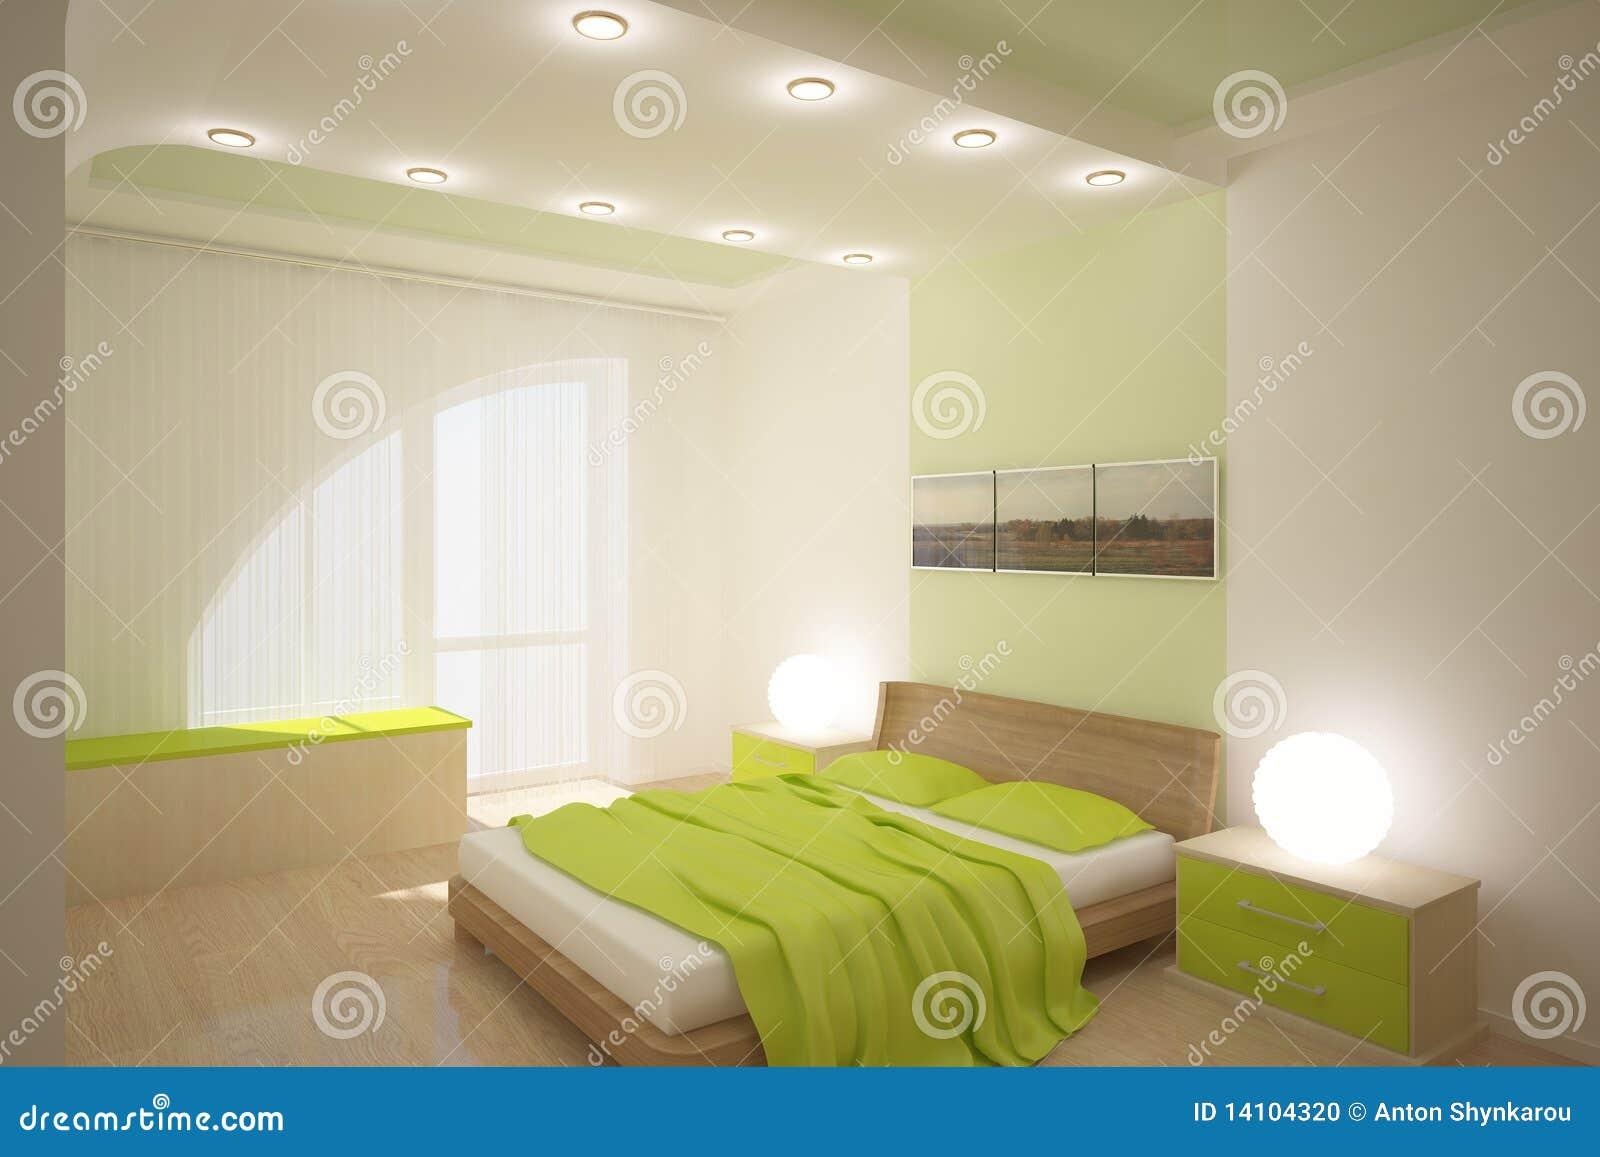 Grünes Schlafzimmer stock abbildung. Illustration von relax - 14104320